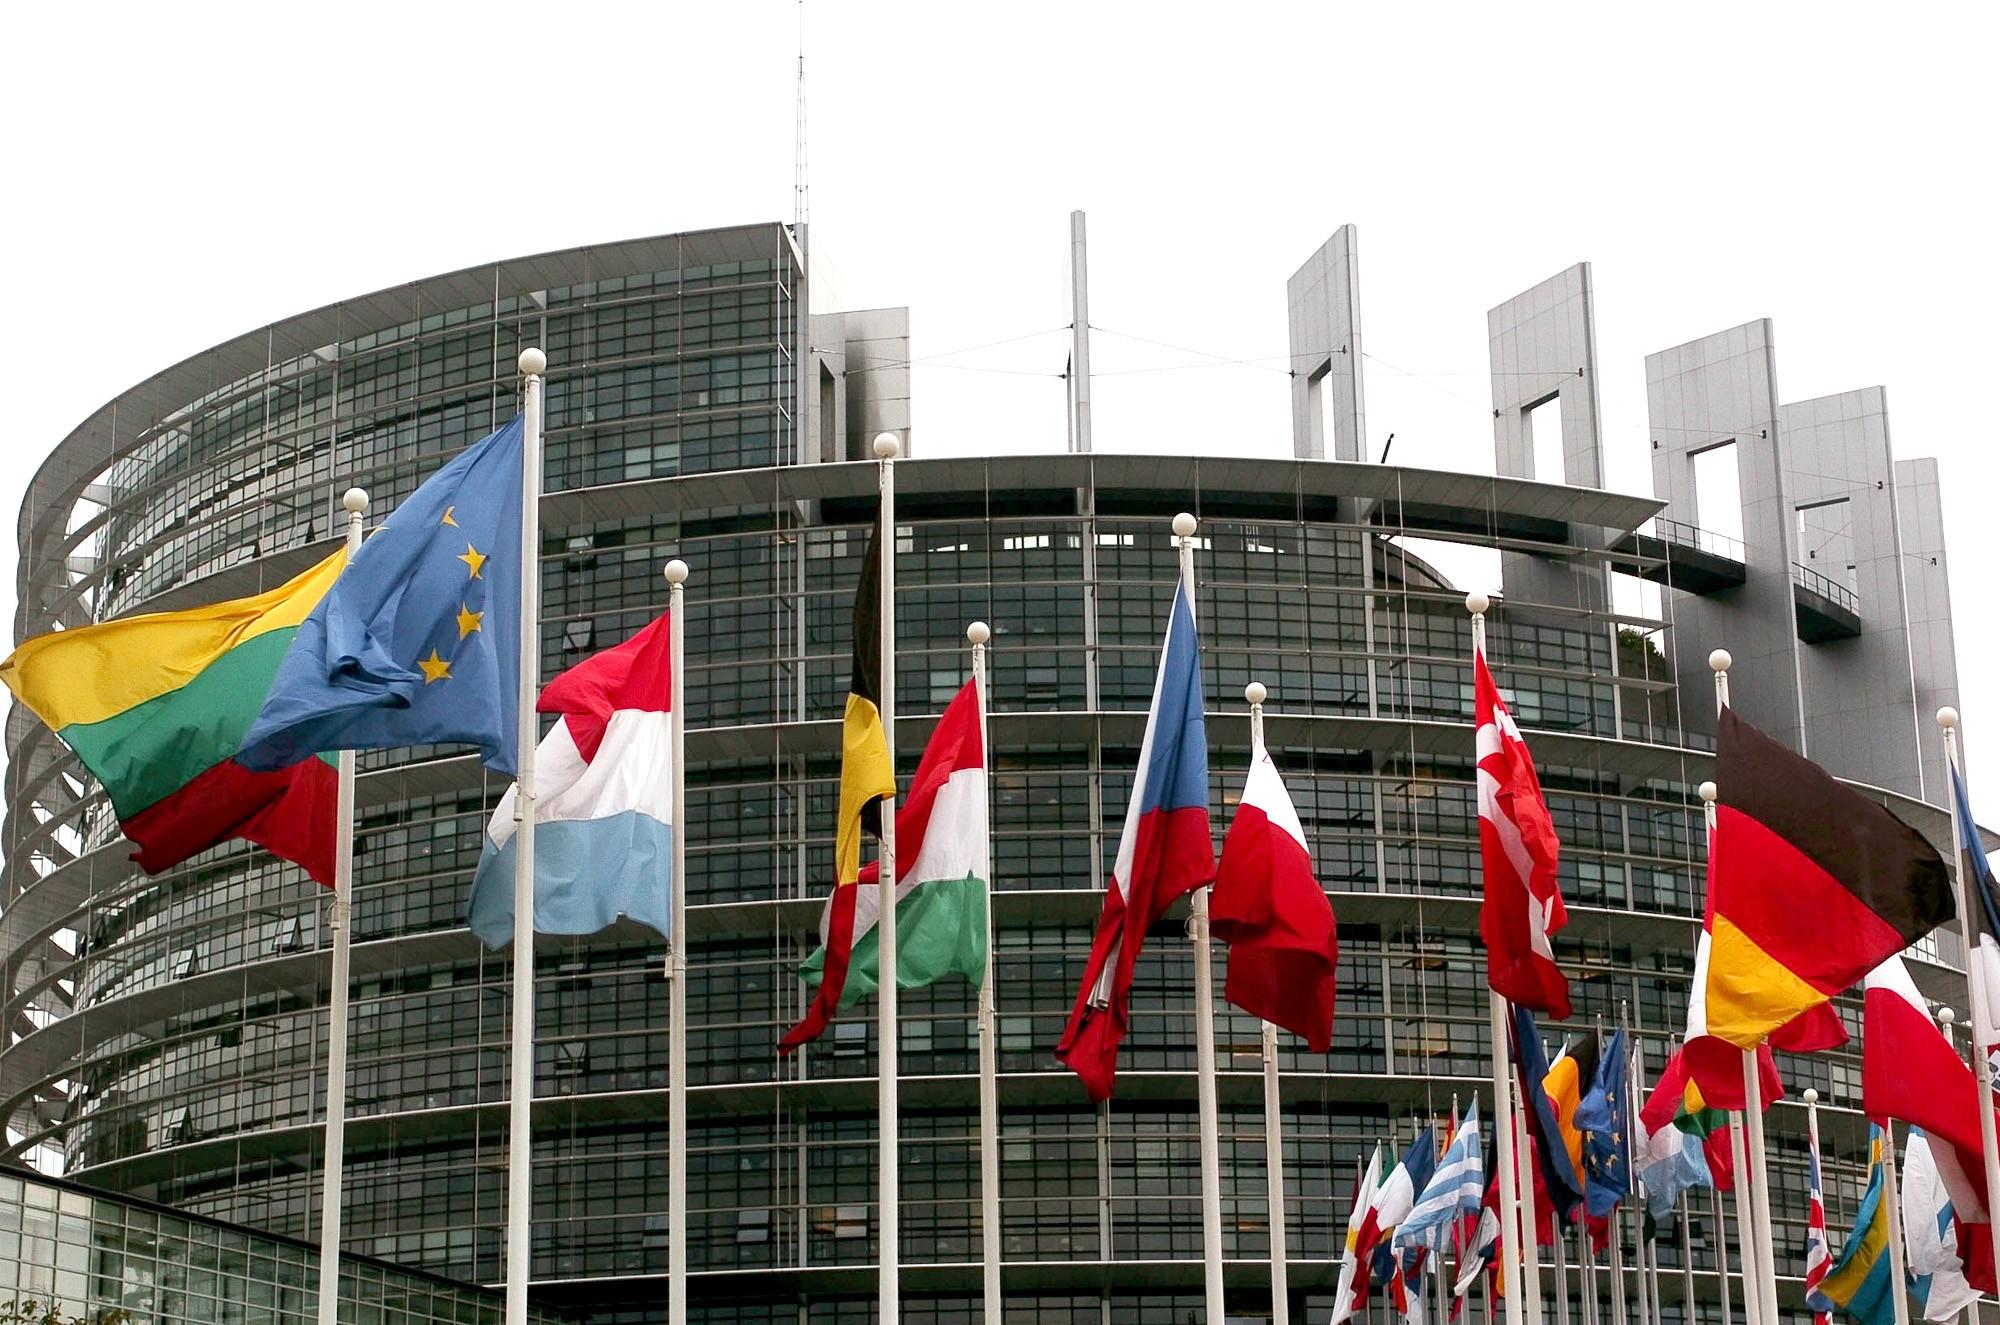 European_parliament_in_Strasbourg.jpg